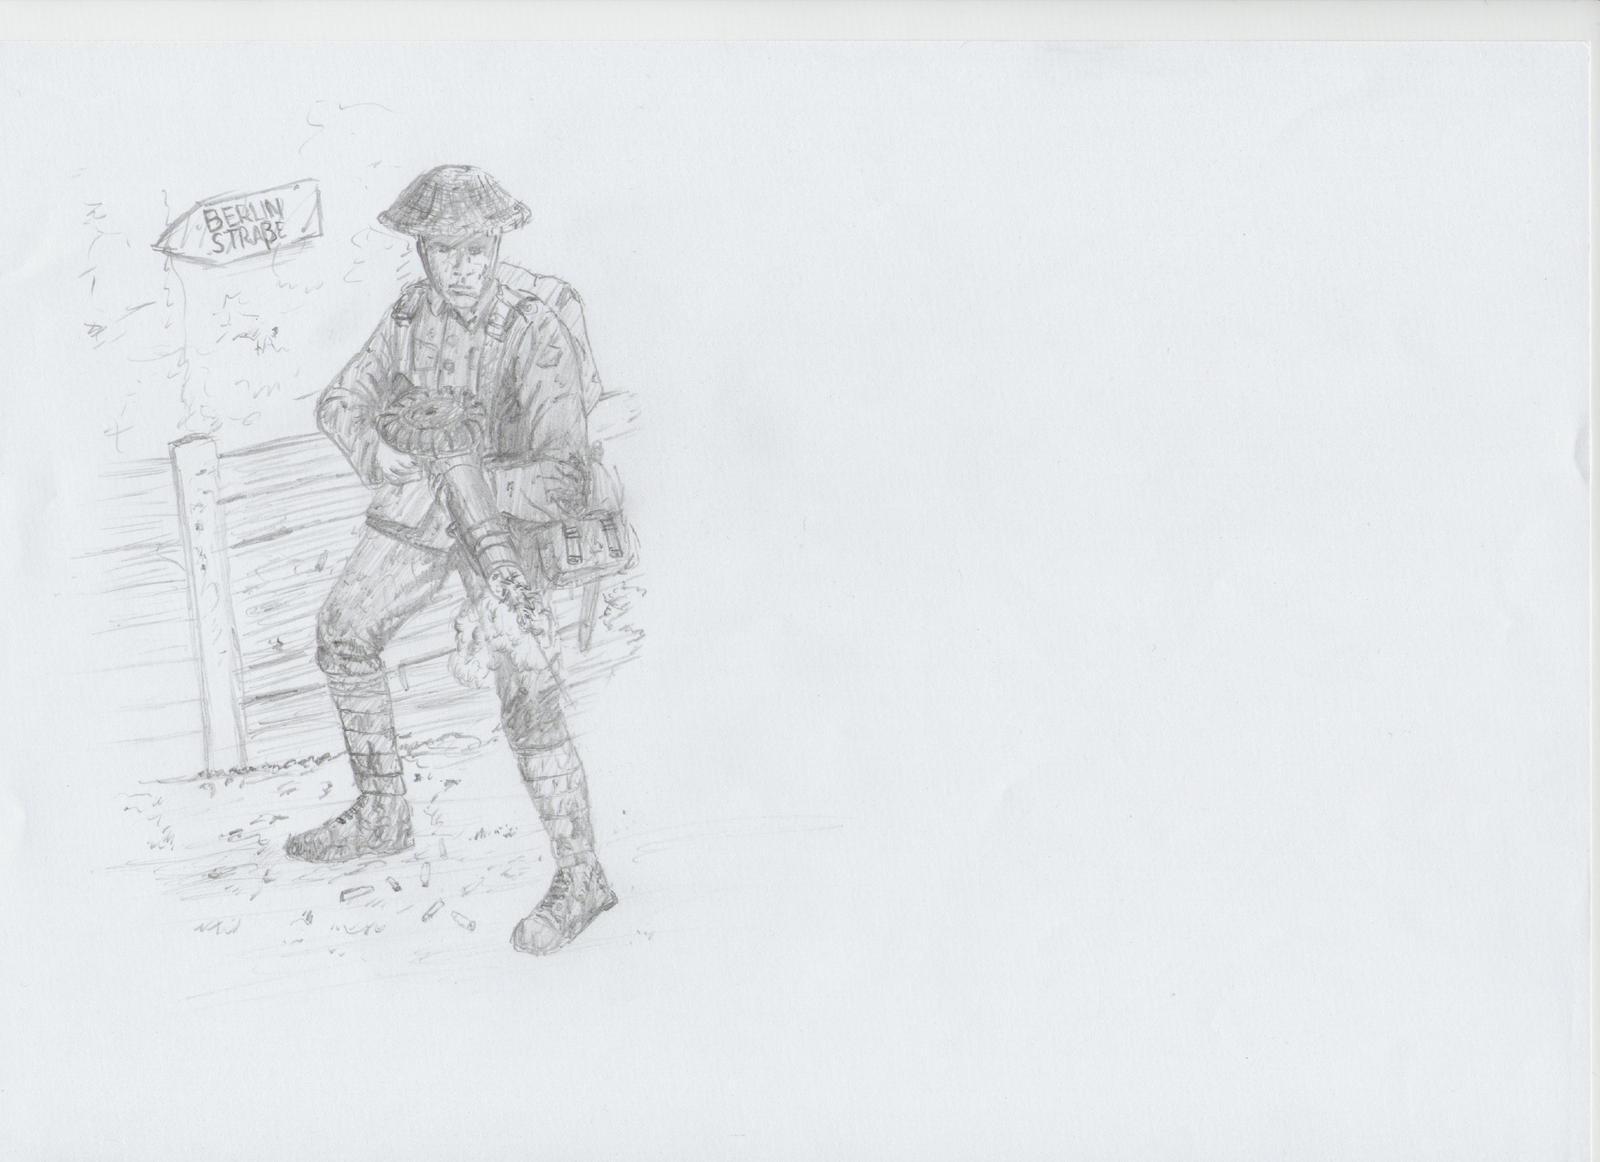 Lewis Gunner, 1916 by VassKholzovf